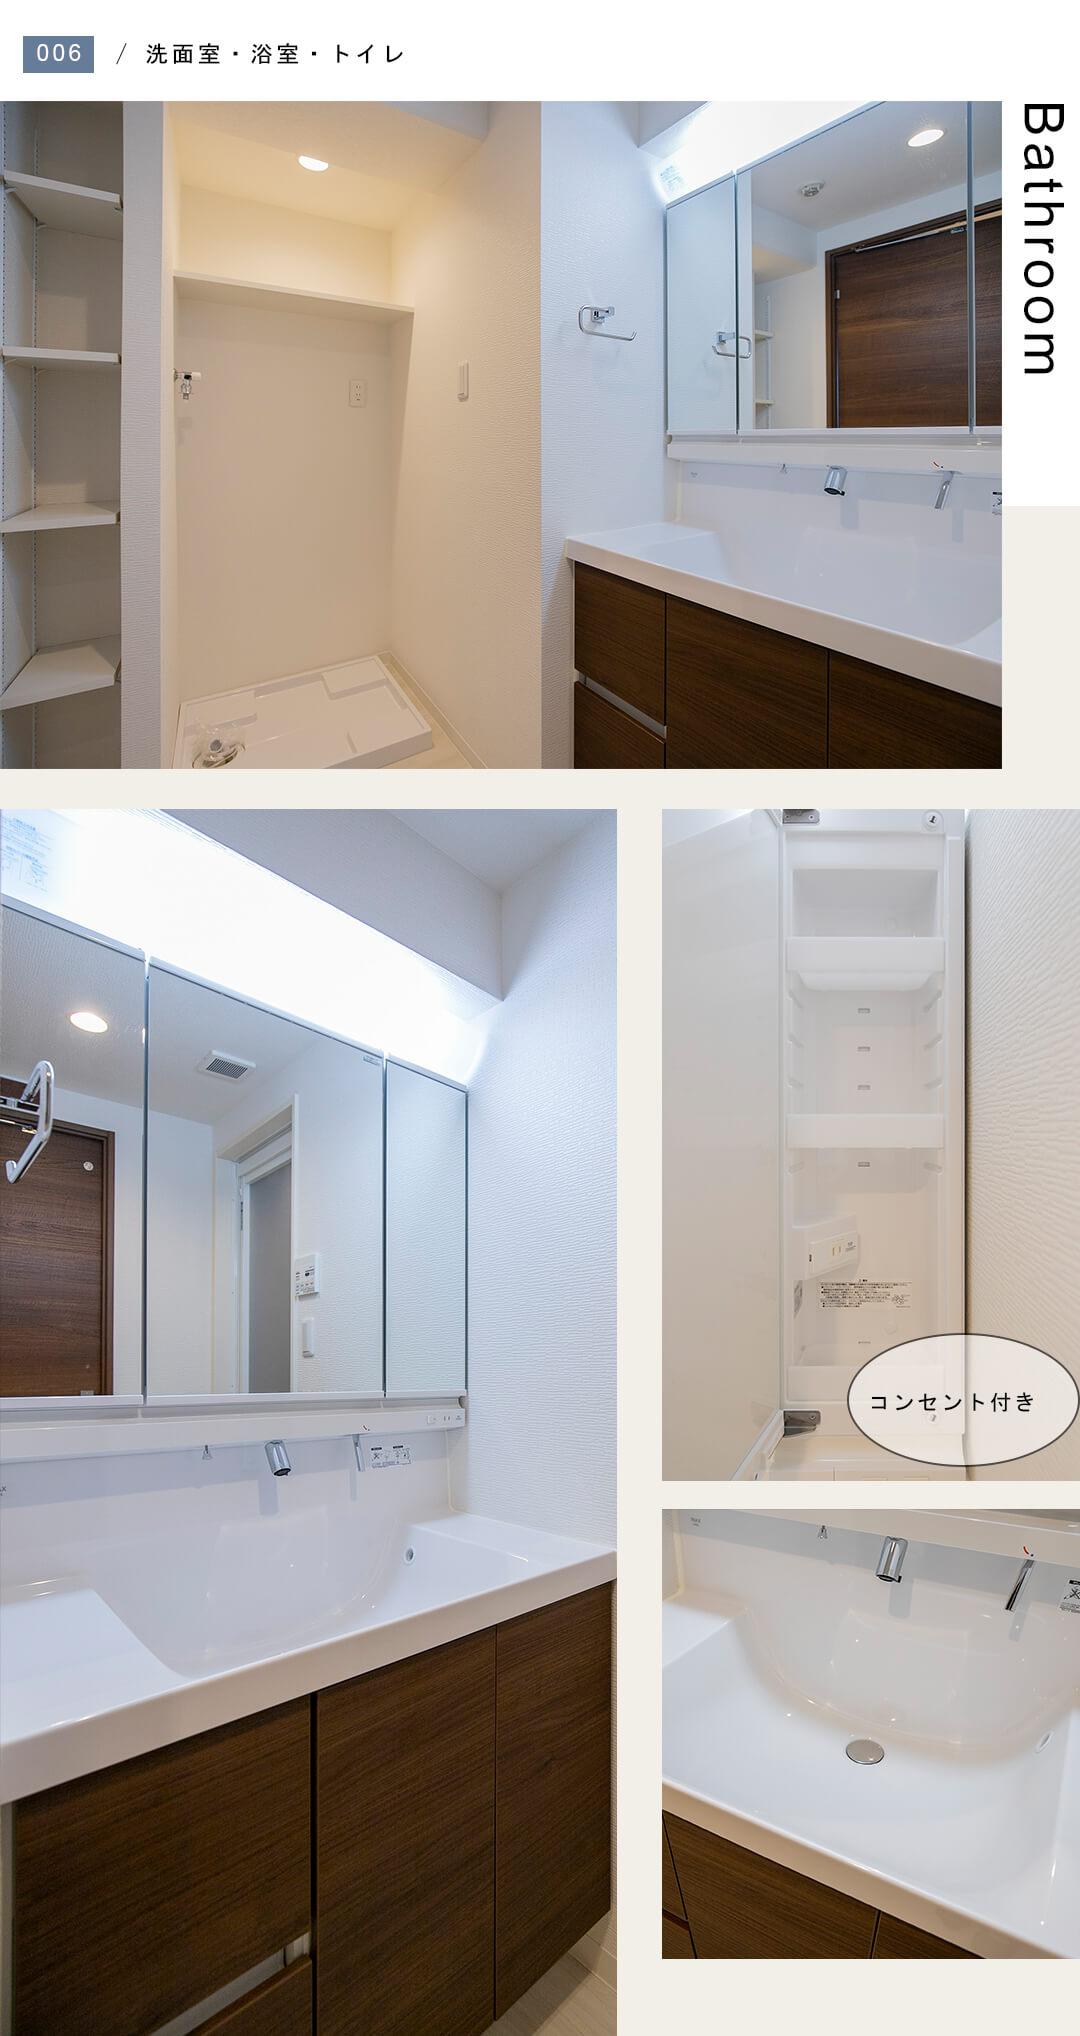 朝日シティパリオ高井戸の洗面室